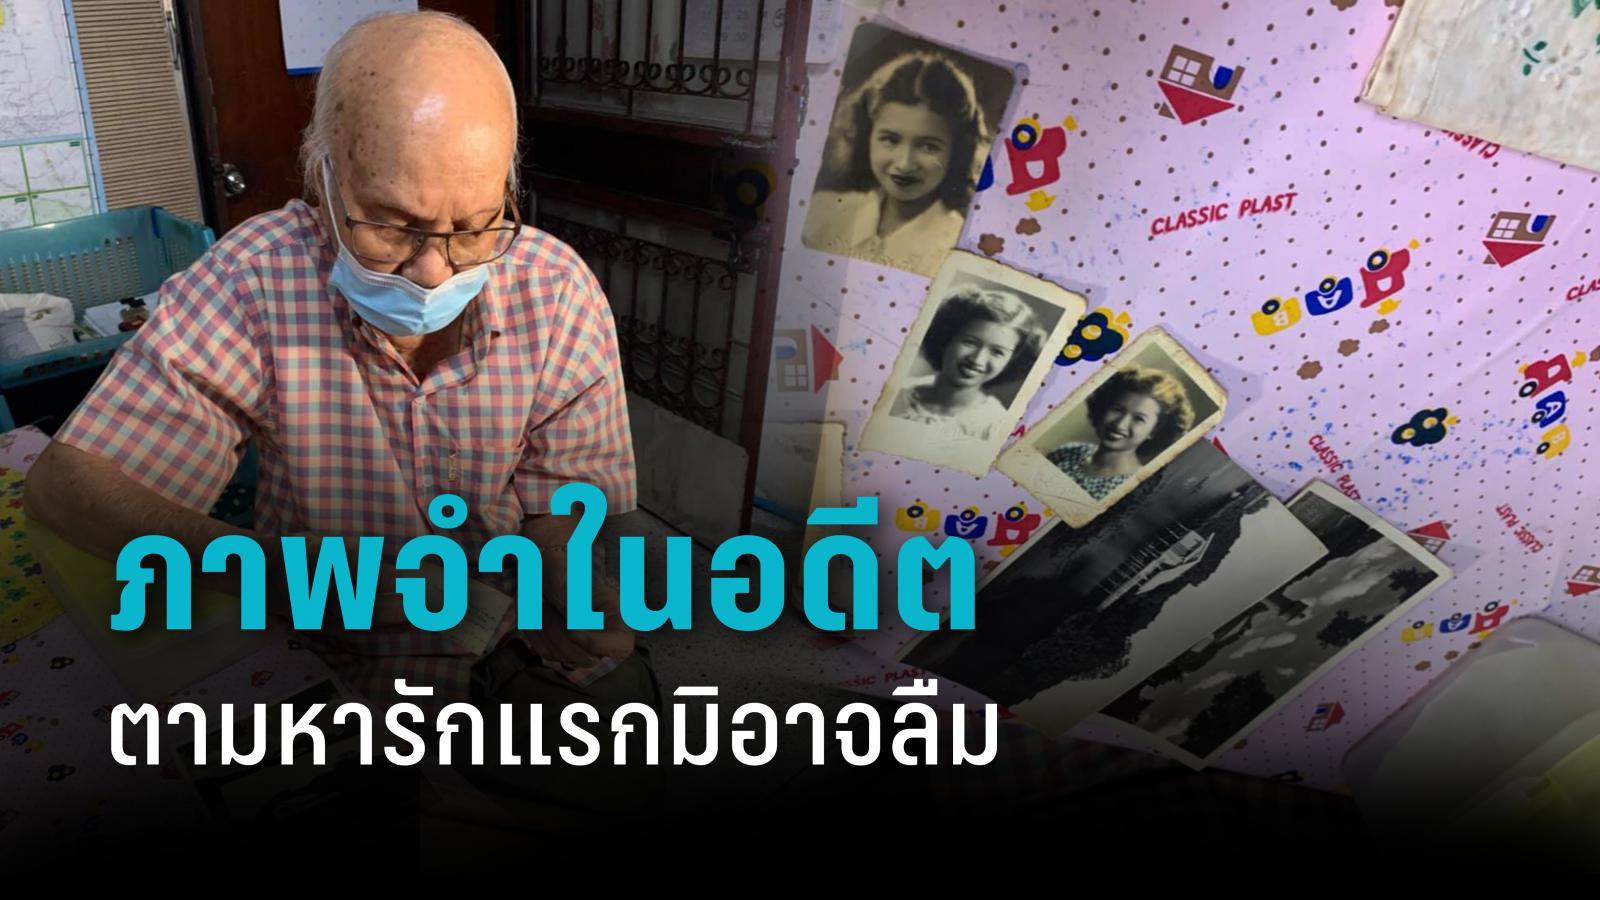 คนที่ไม่อาจลืม! คุณตาวัย 92 ตามหาคนรักเก่า จากทม.ไปโคราช 61 ปีที่จากกัน